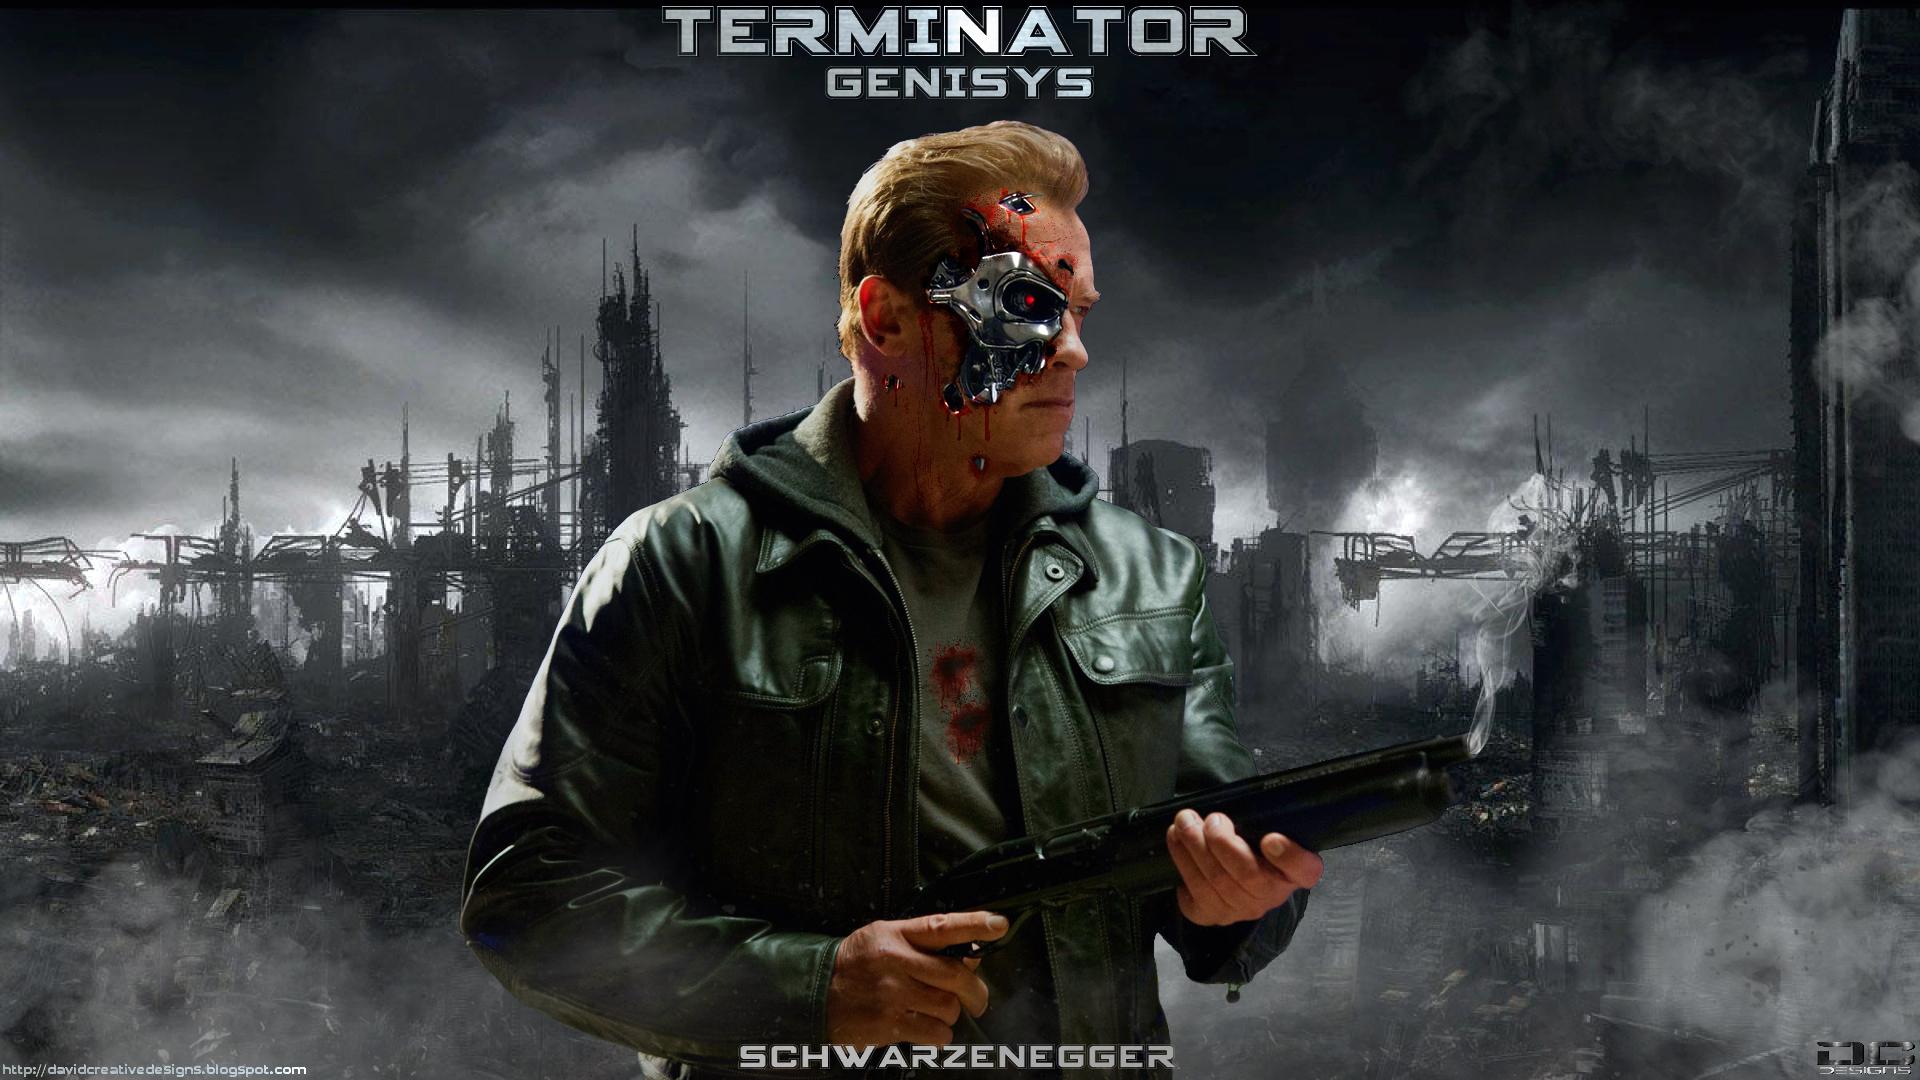 """Arnold Swarzenegger xác nhận """"Kẻ hủy diệt"""" vẫn chưa kết thúc"""